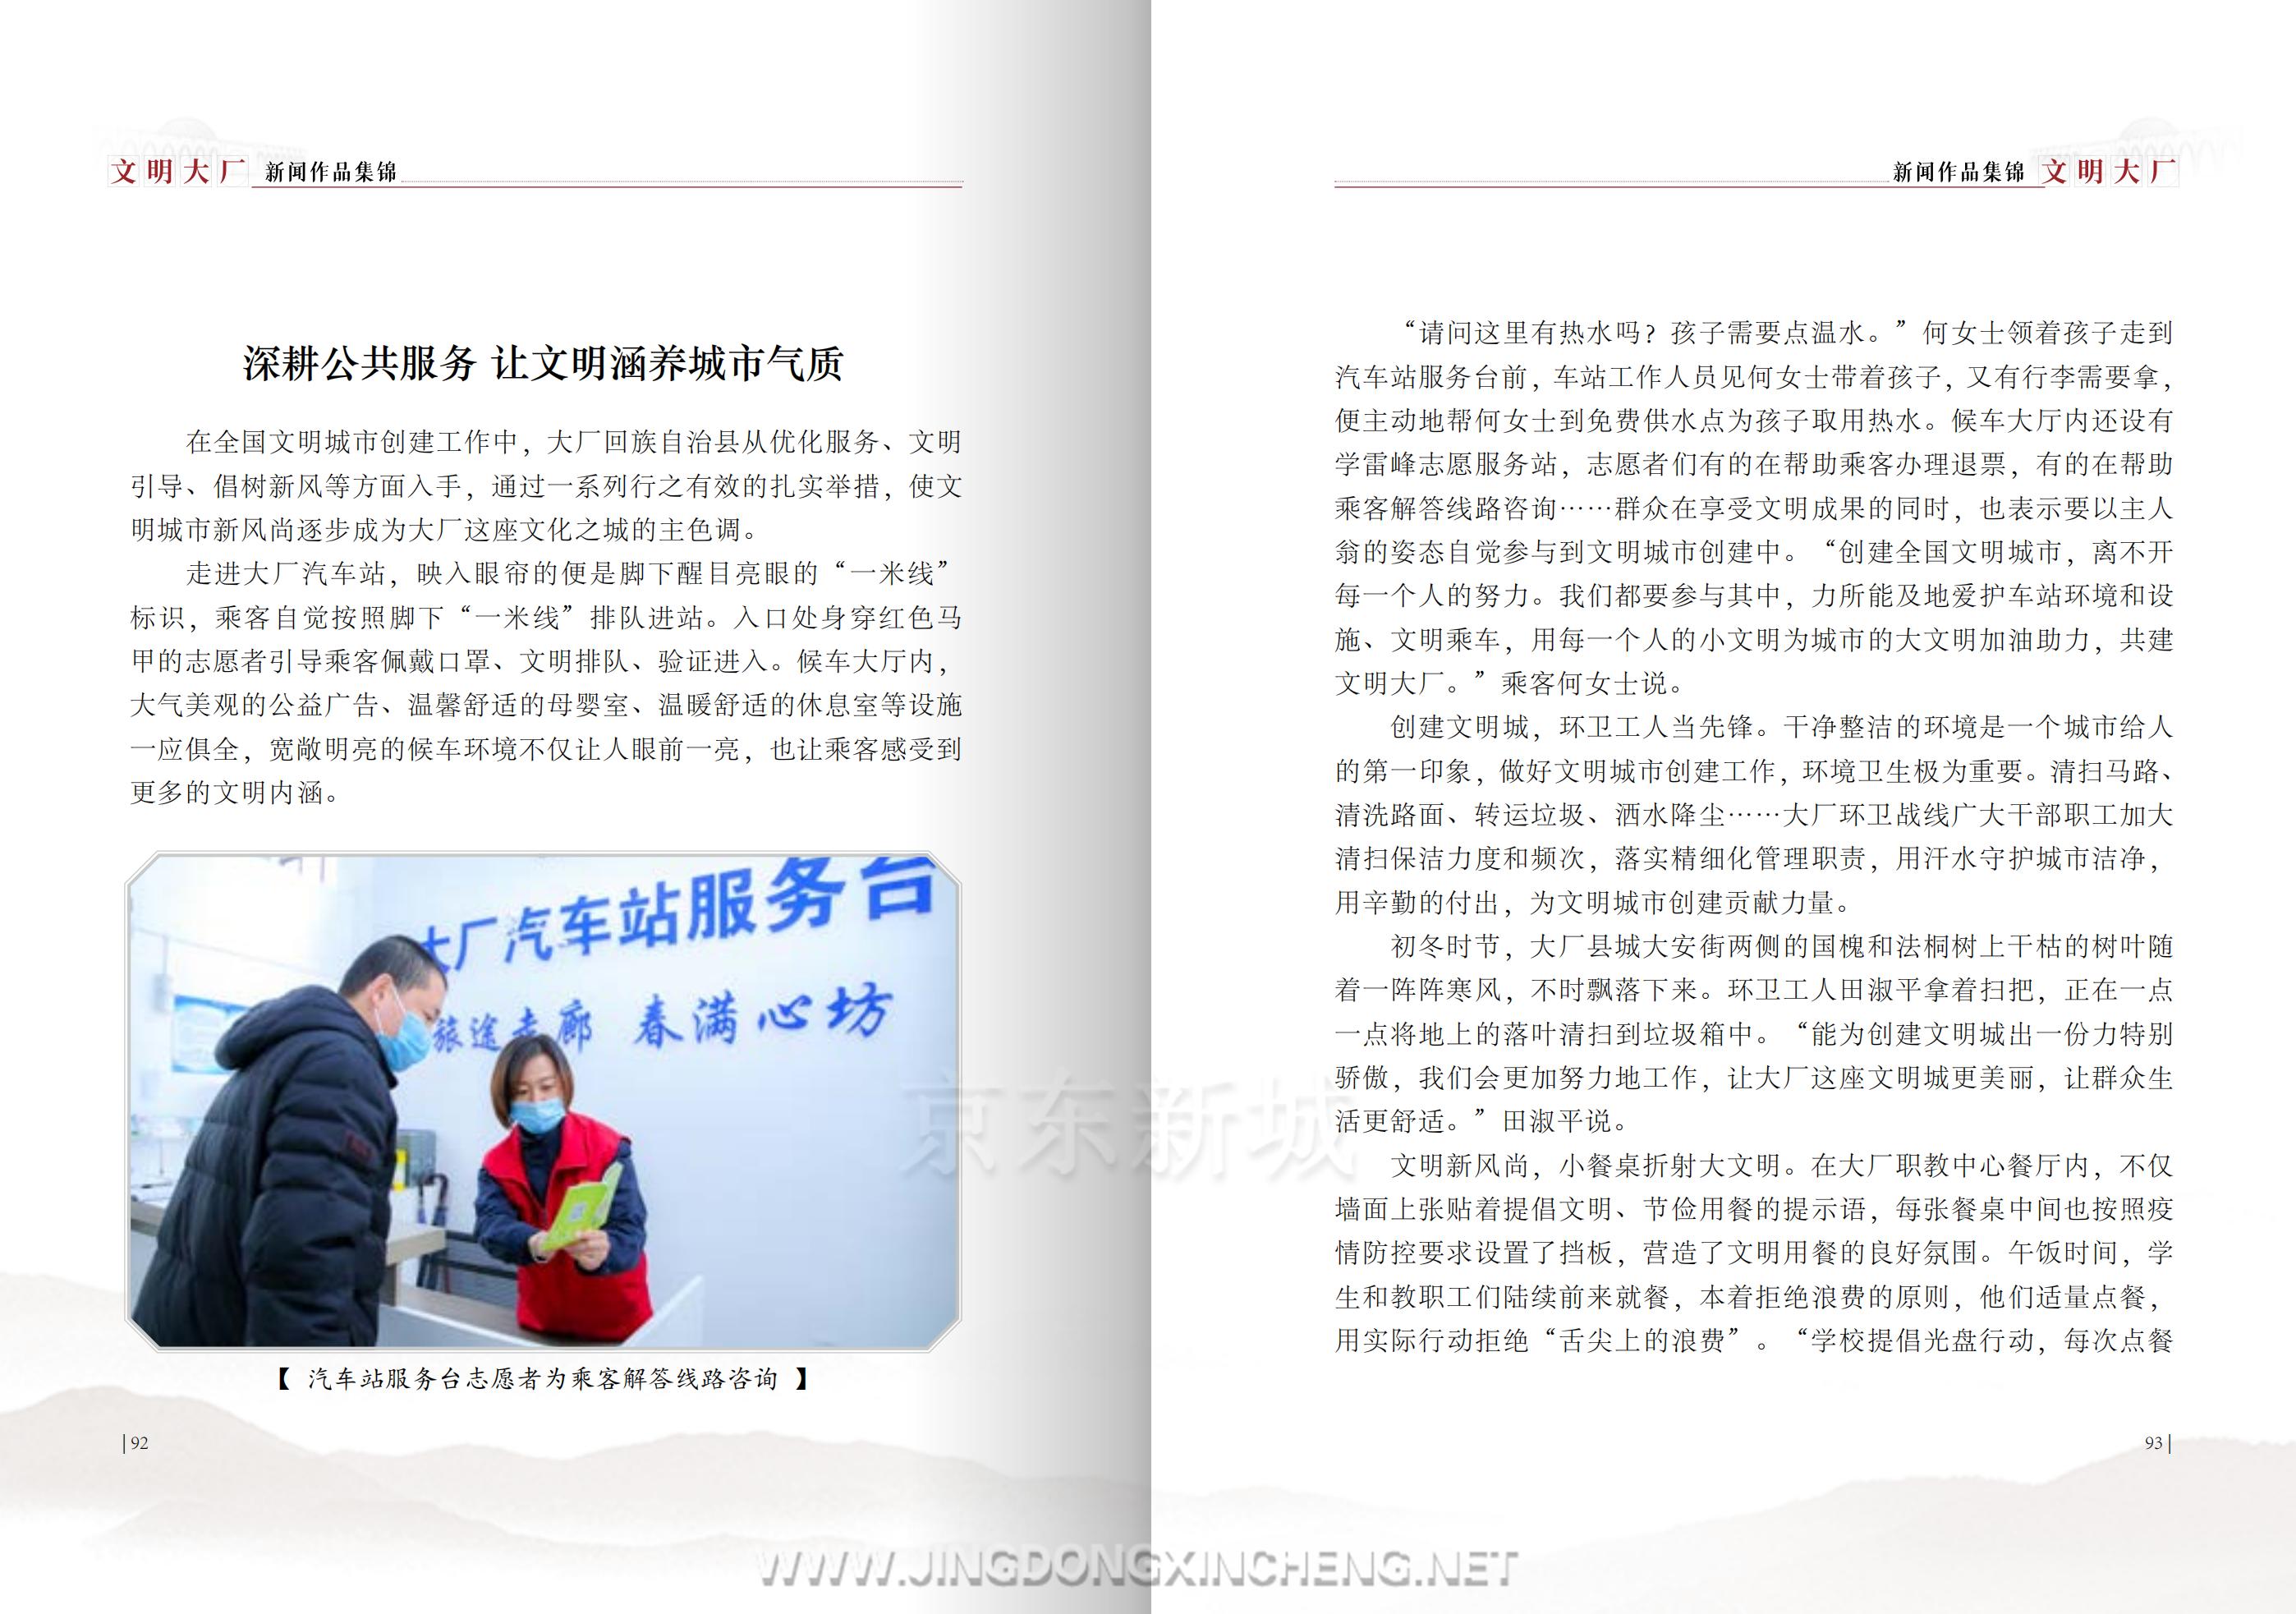 文明大厂书籍-定稿-上传版_50.png